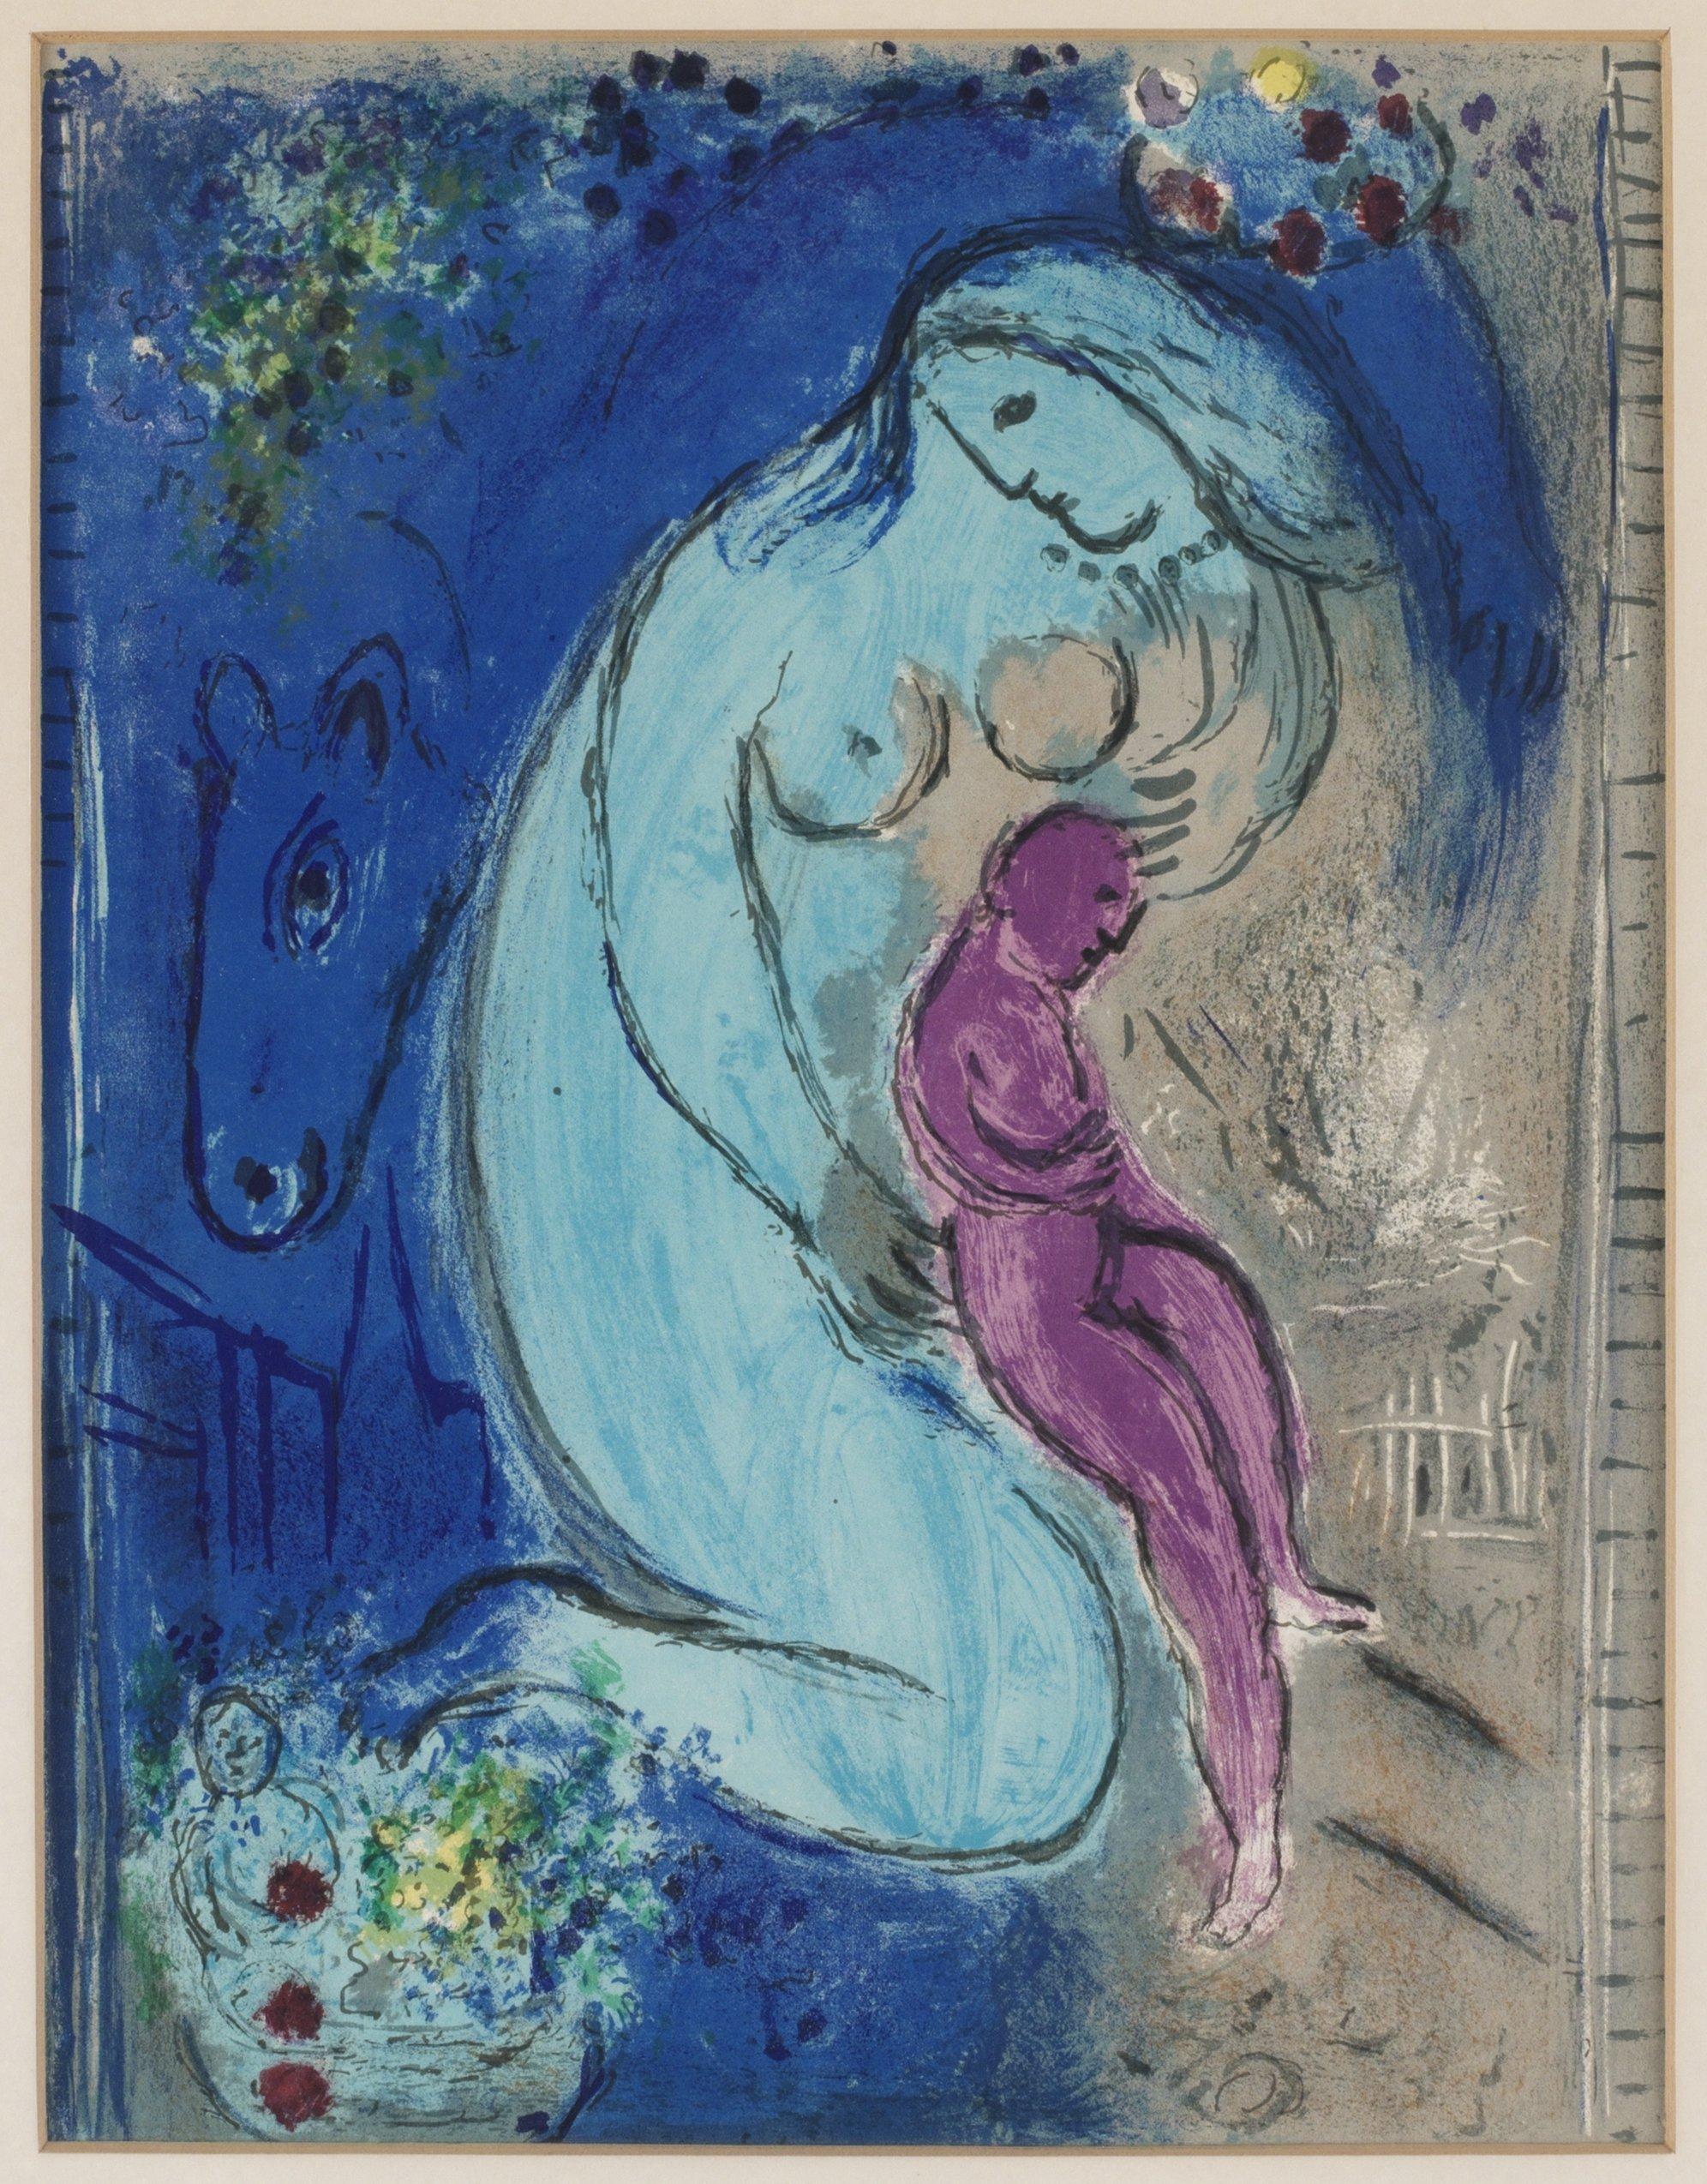 Marc chagall ur derri re le miroir nr 66 68 bukowskis for Chagall derriere le miroir